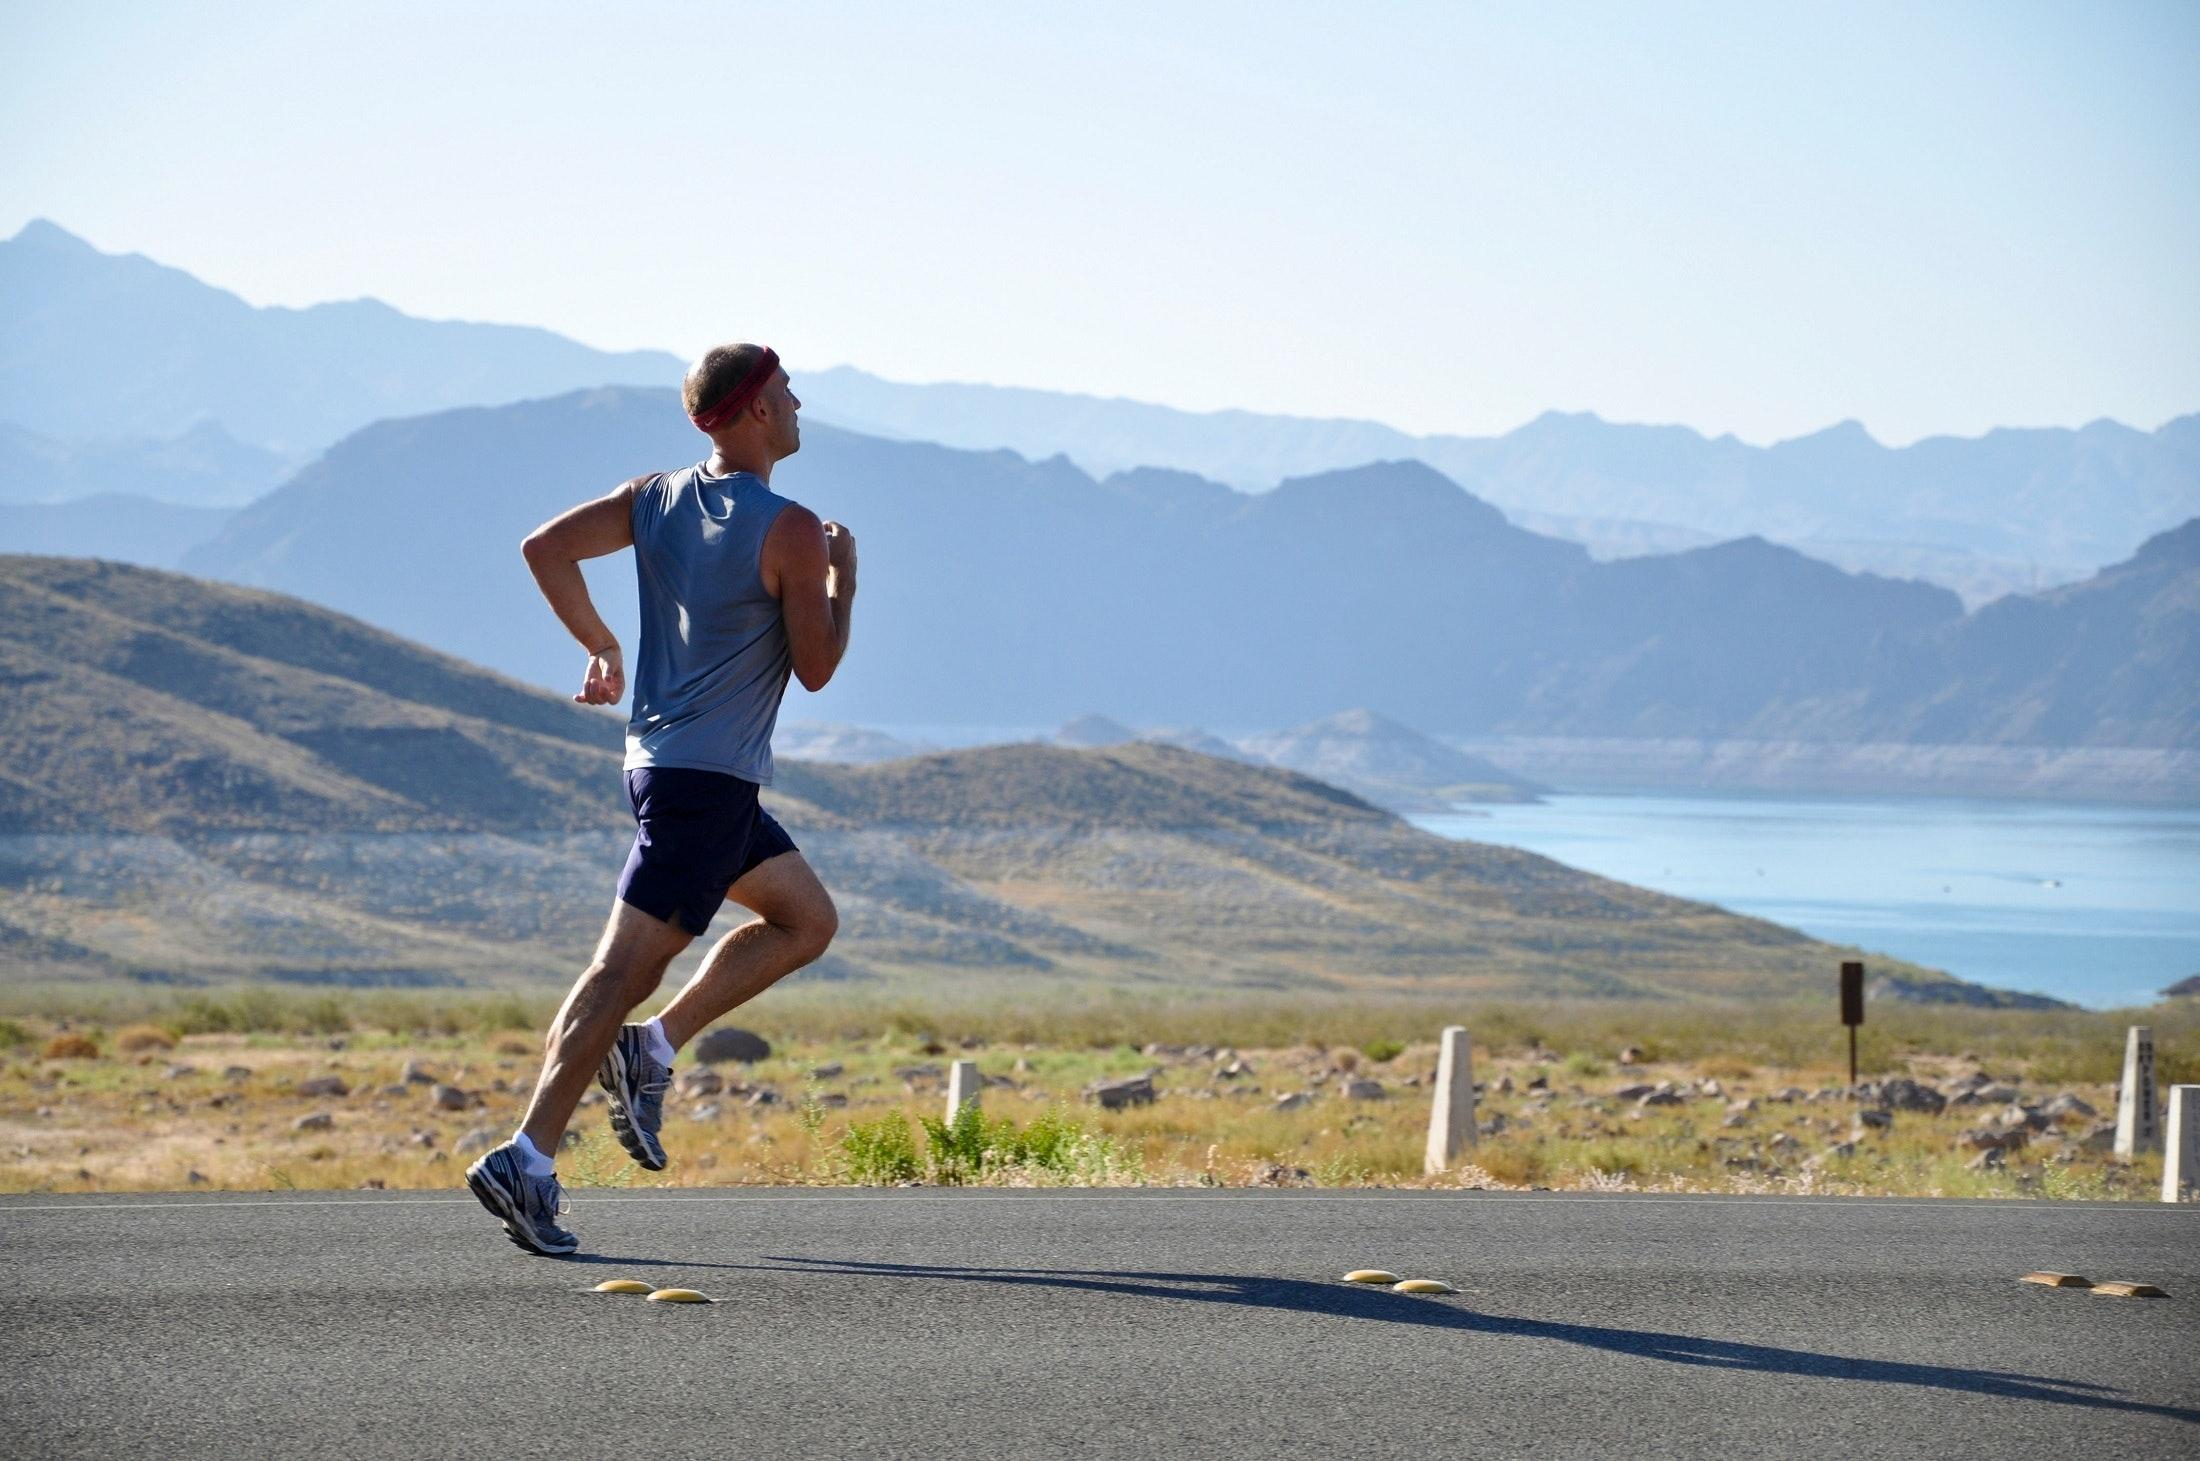 預防大腸癌運動有助促進新陳代謝,消耗熱能,防止脂肪積聚。